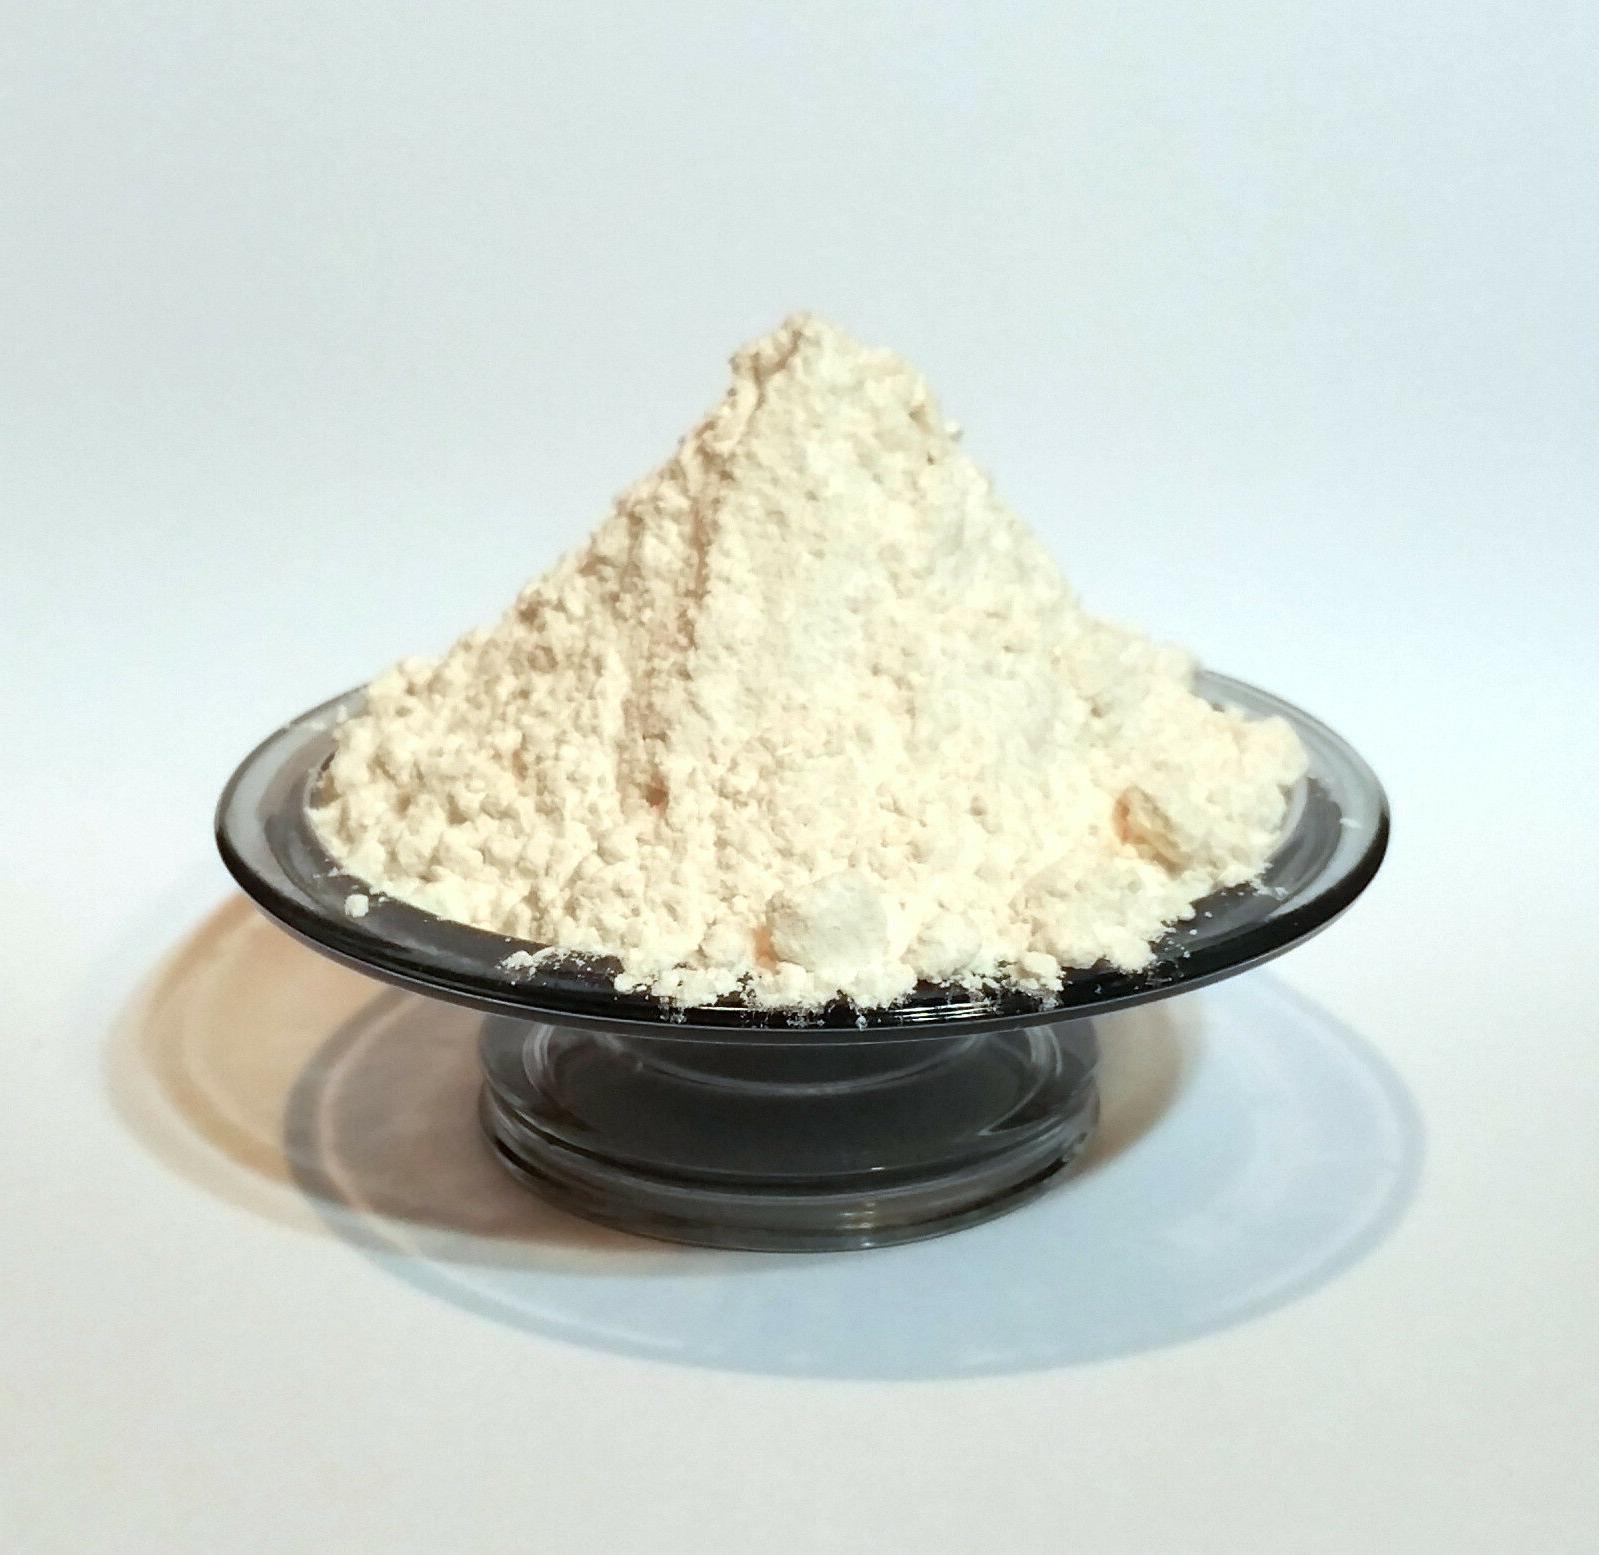 99+% Pure Ferulic Acid Powder, Antioxidant, Anti Aging, Cosm